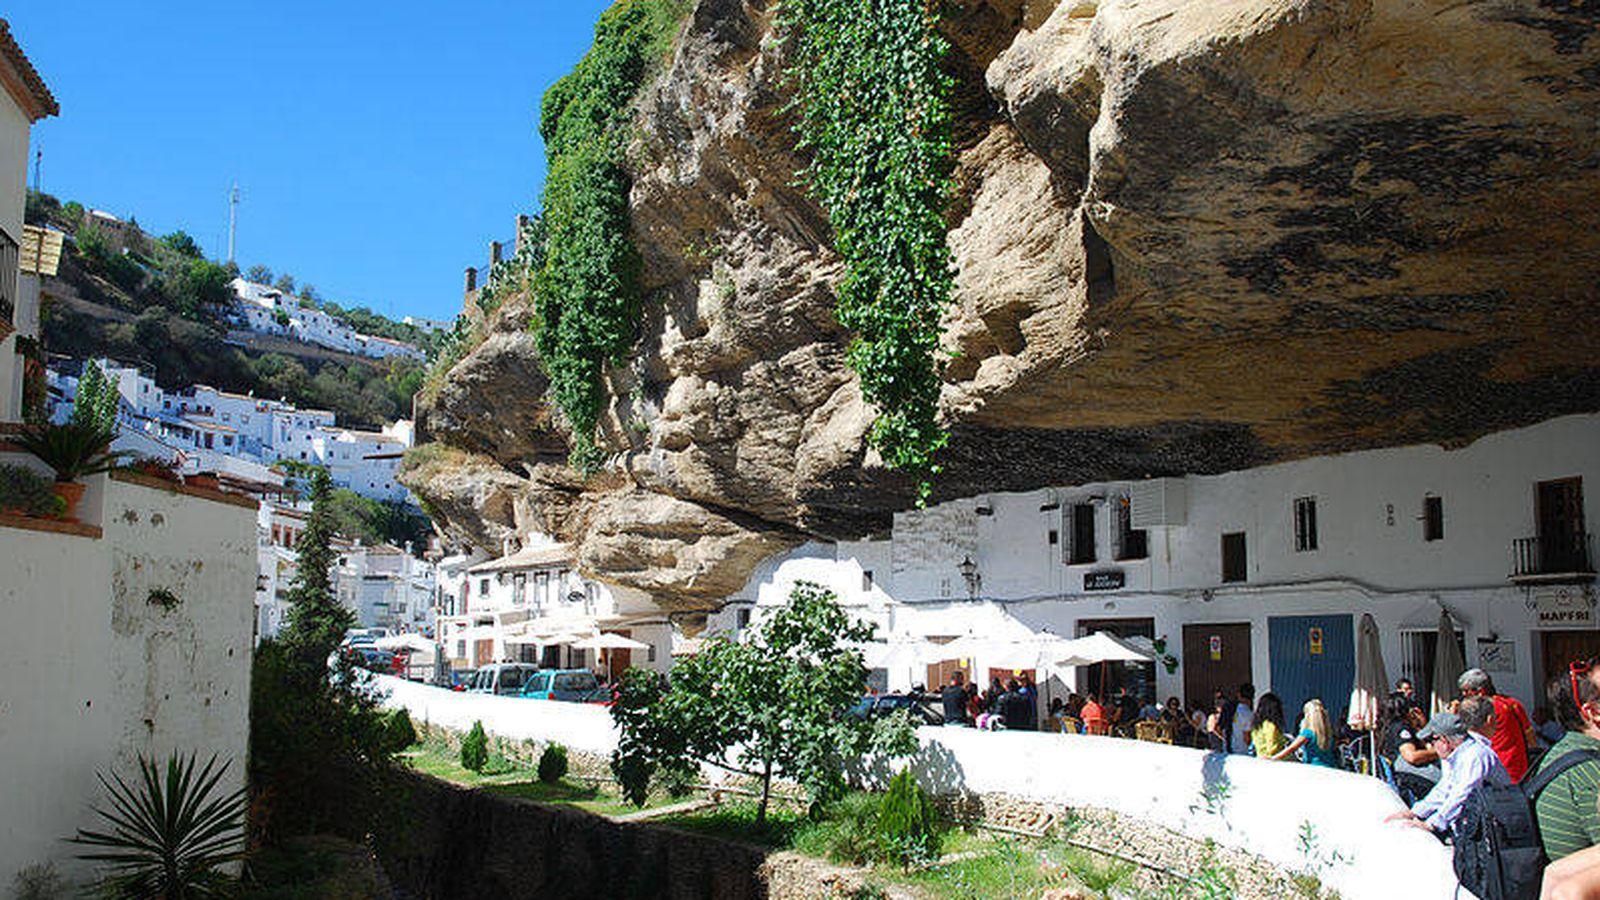 Viajes en espa a de c diz a tarifa pasando por zahara pueblos curiosos y originales de c diz - Las mejores casas rurales de andalucia ...